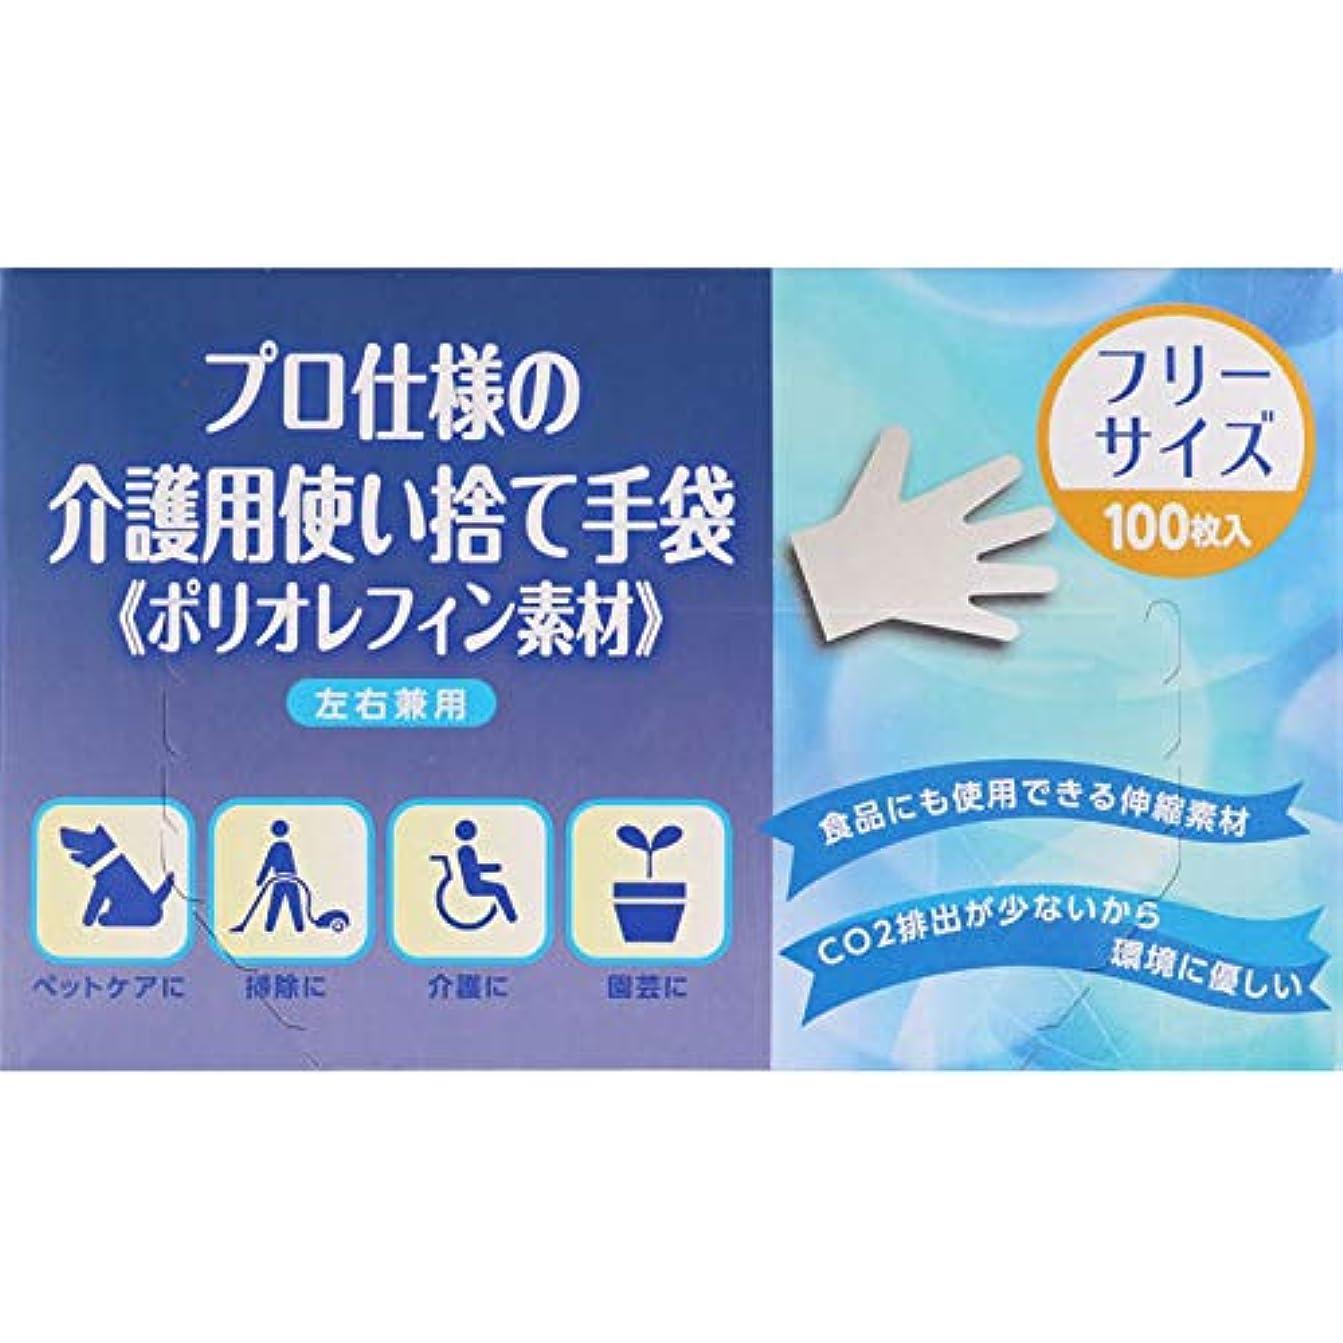 脈拍ご注意厳【10個セット】プロ仕様の介護用使い捨て手袋《ポリオレフィン素材》 100枚